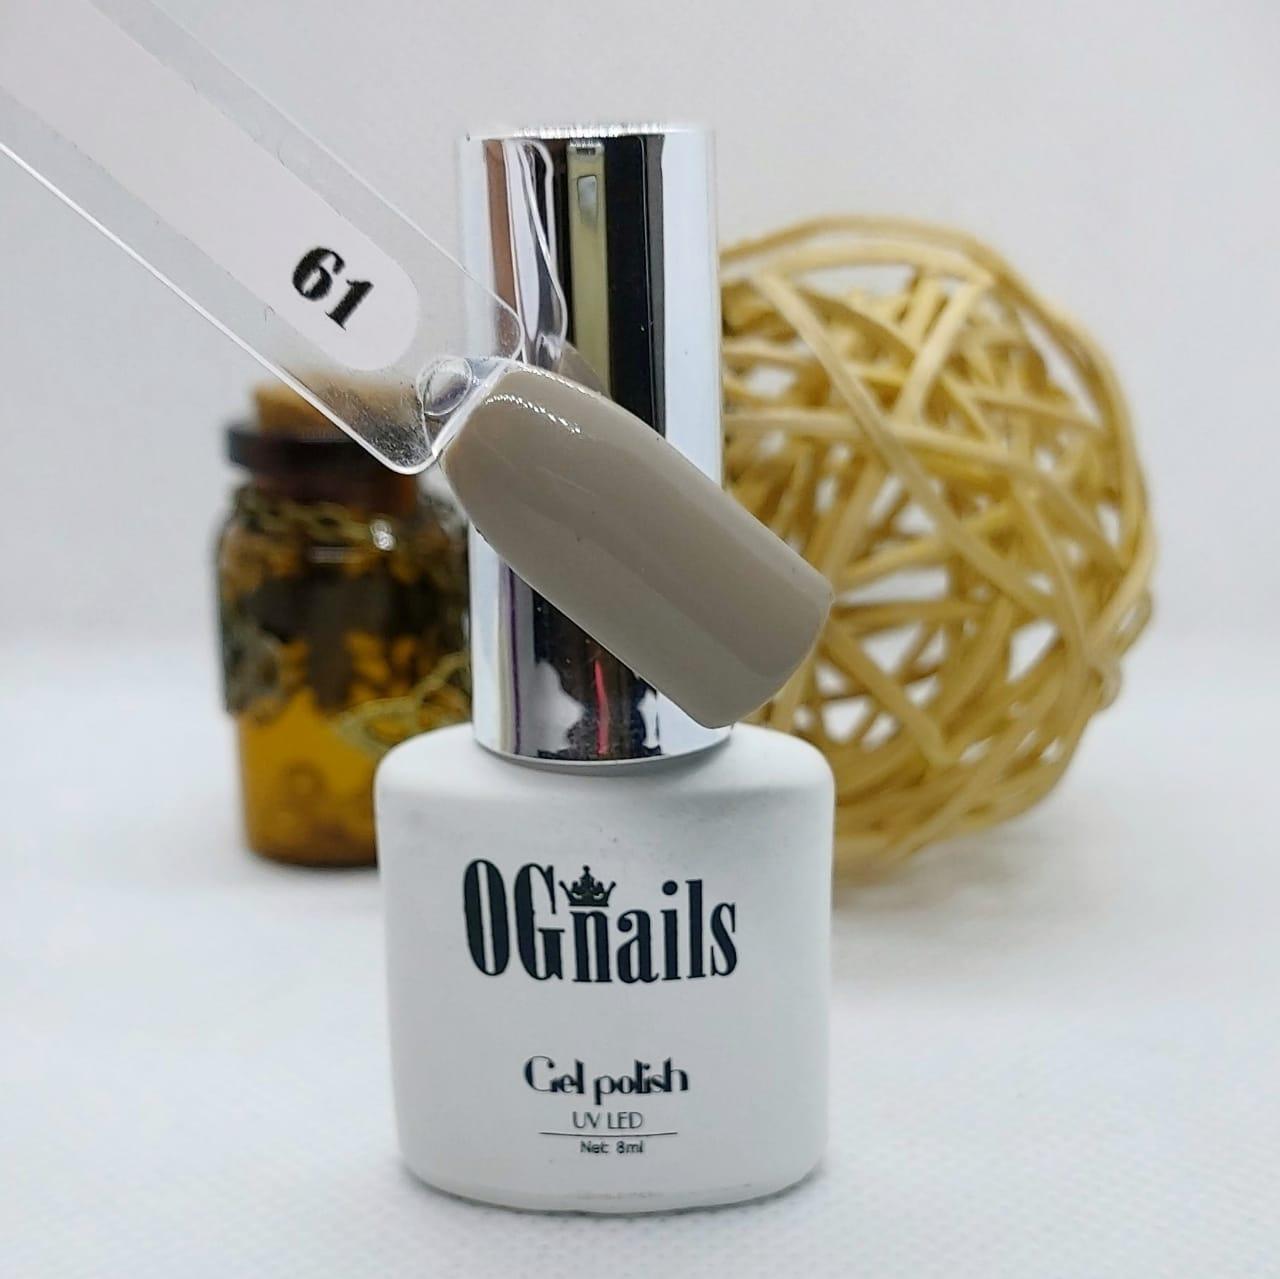 Гель лак White coll № 061, 8мл, OGnails